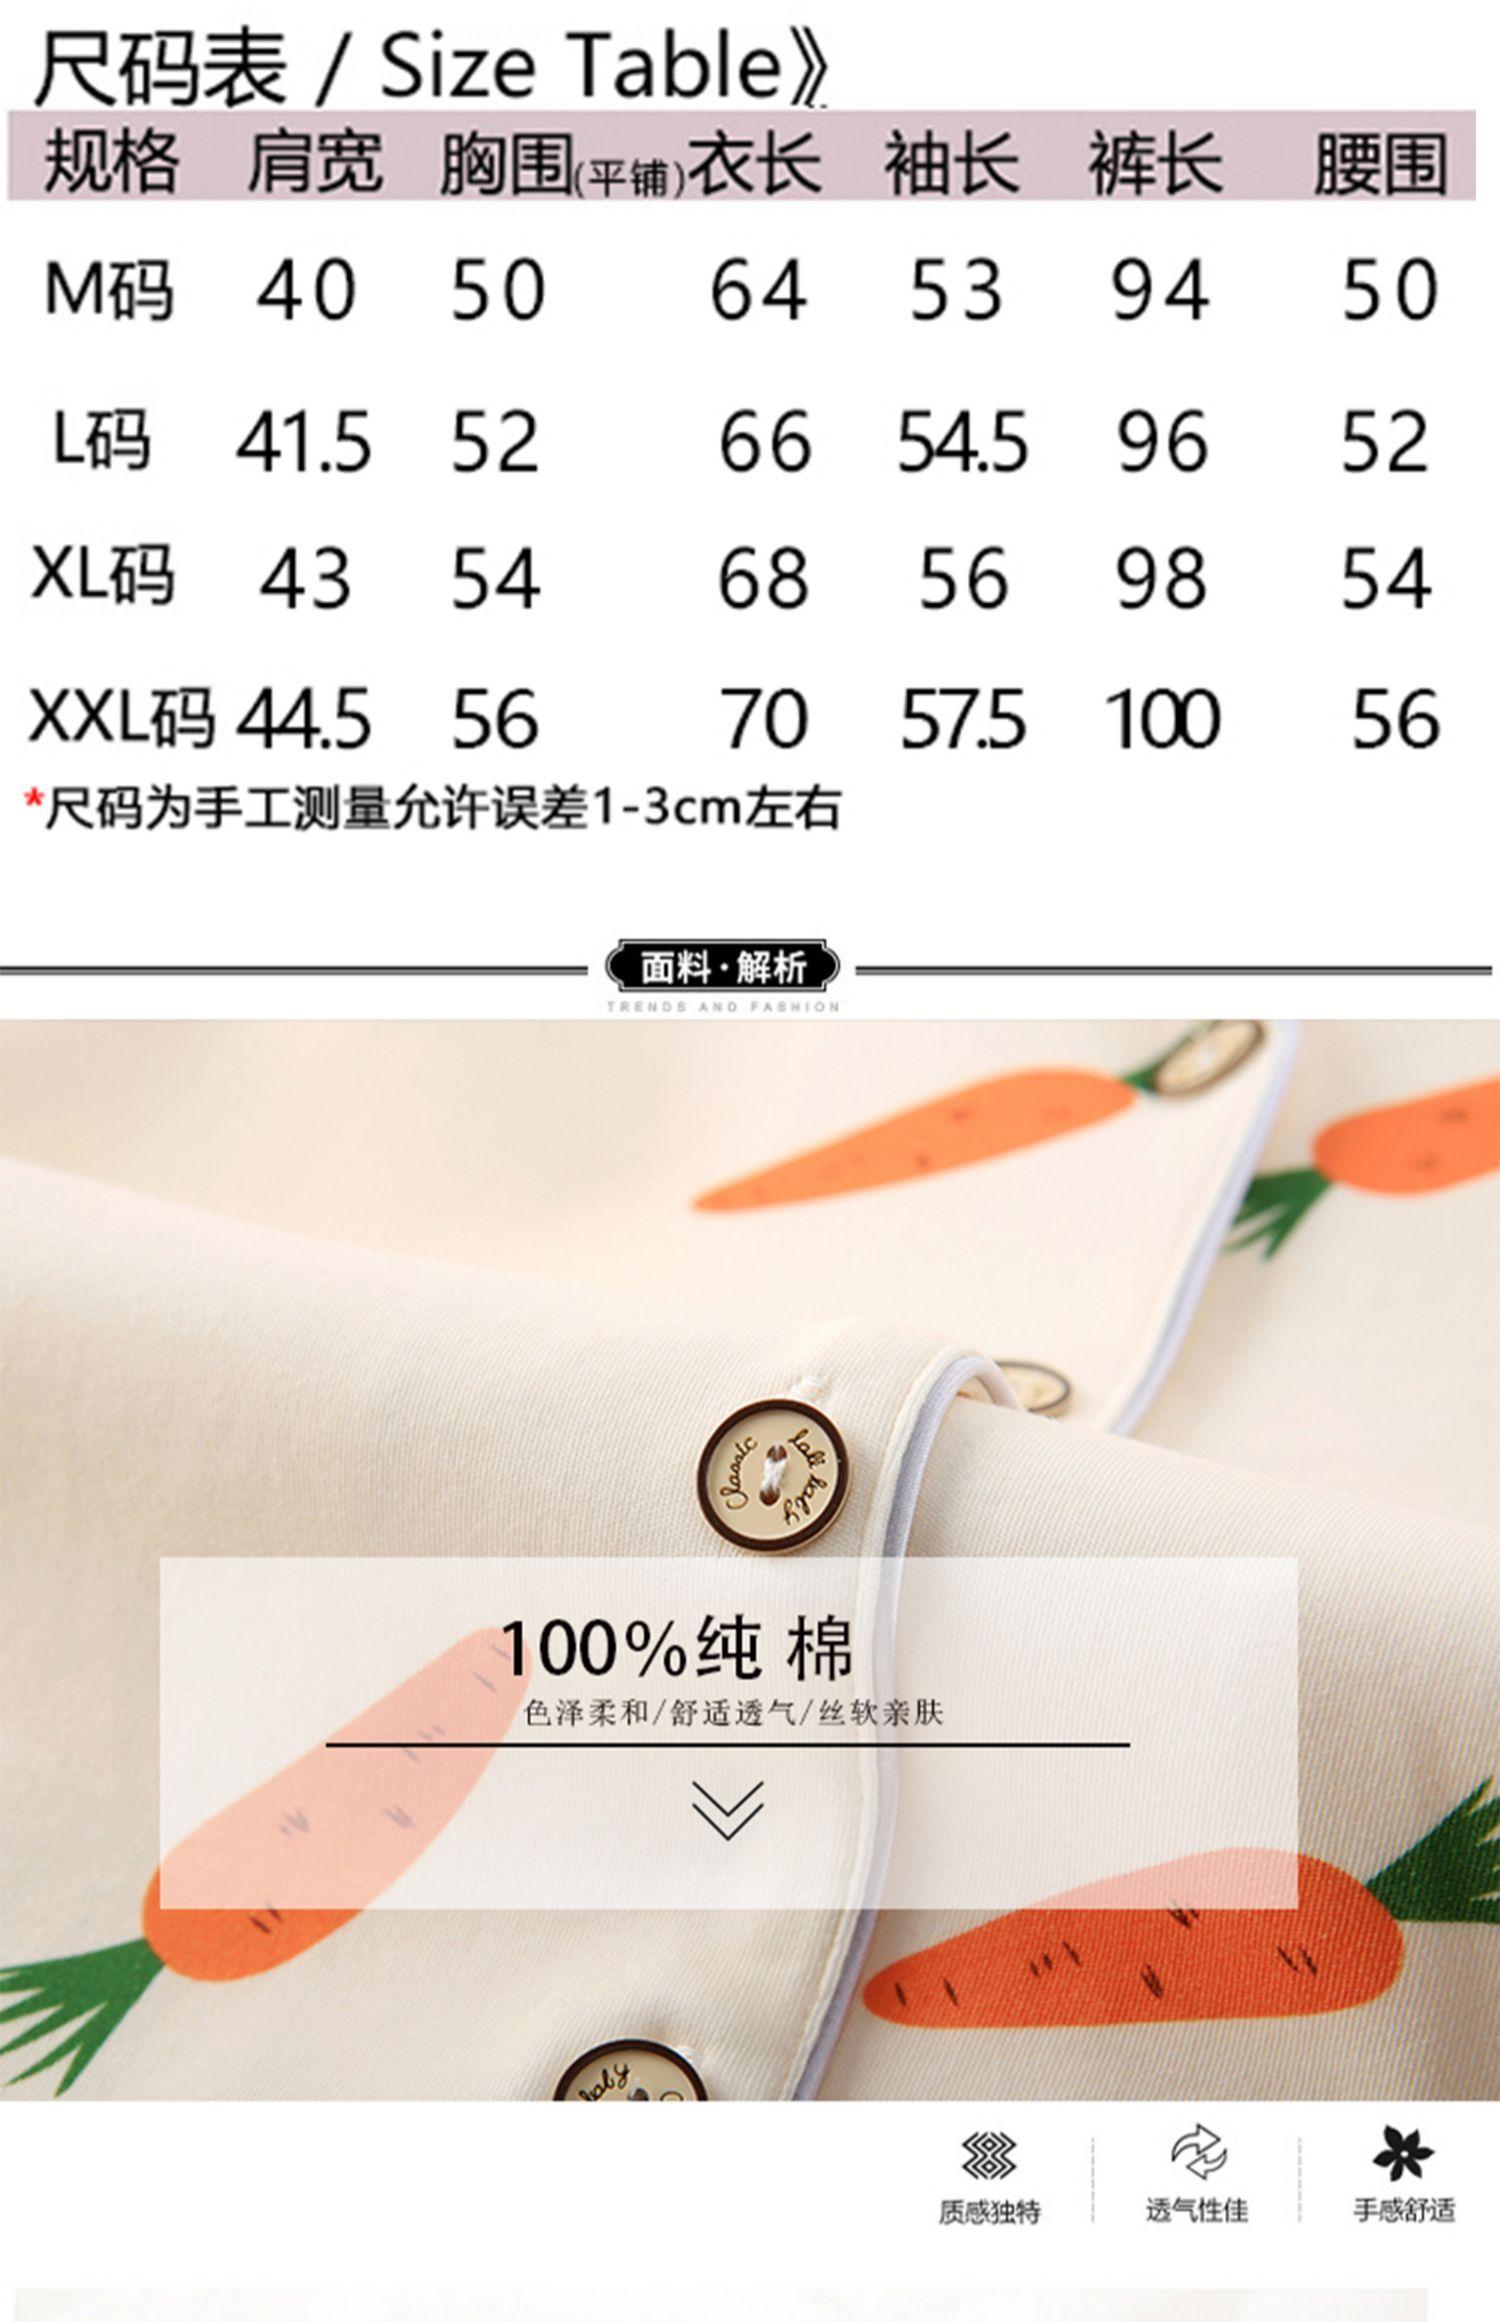 【可爱伴】女士纯棉睡衣2件套6